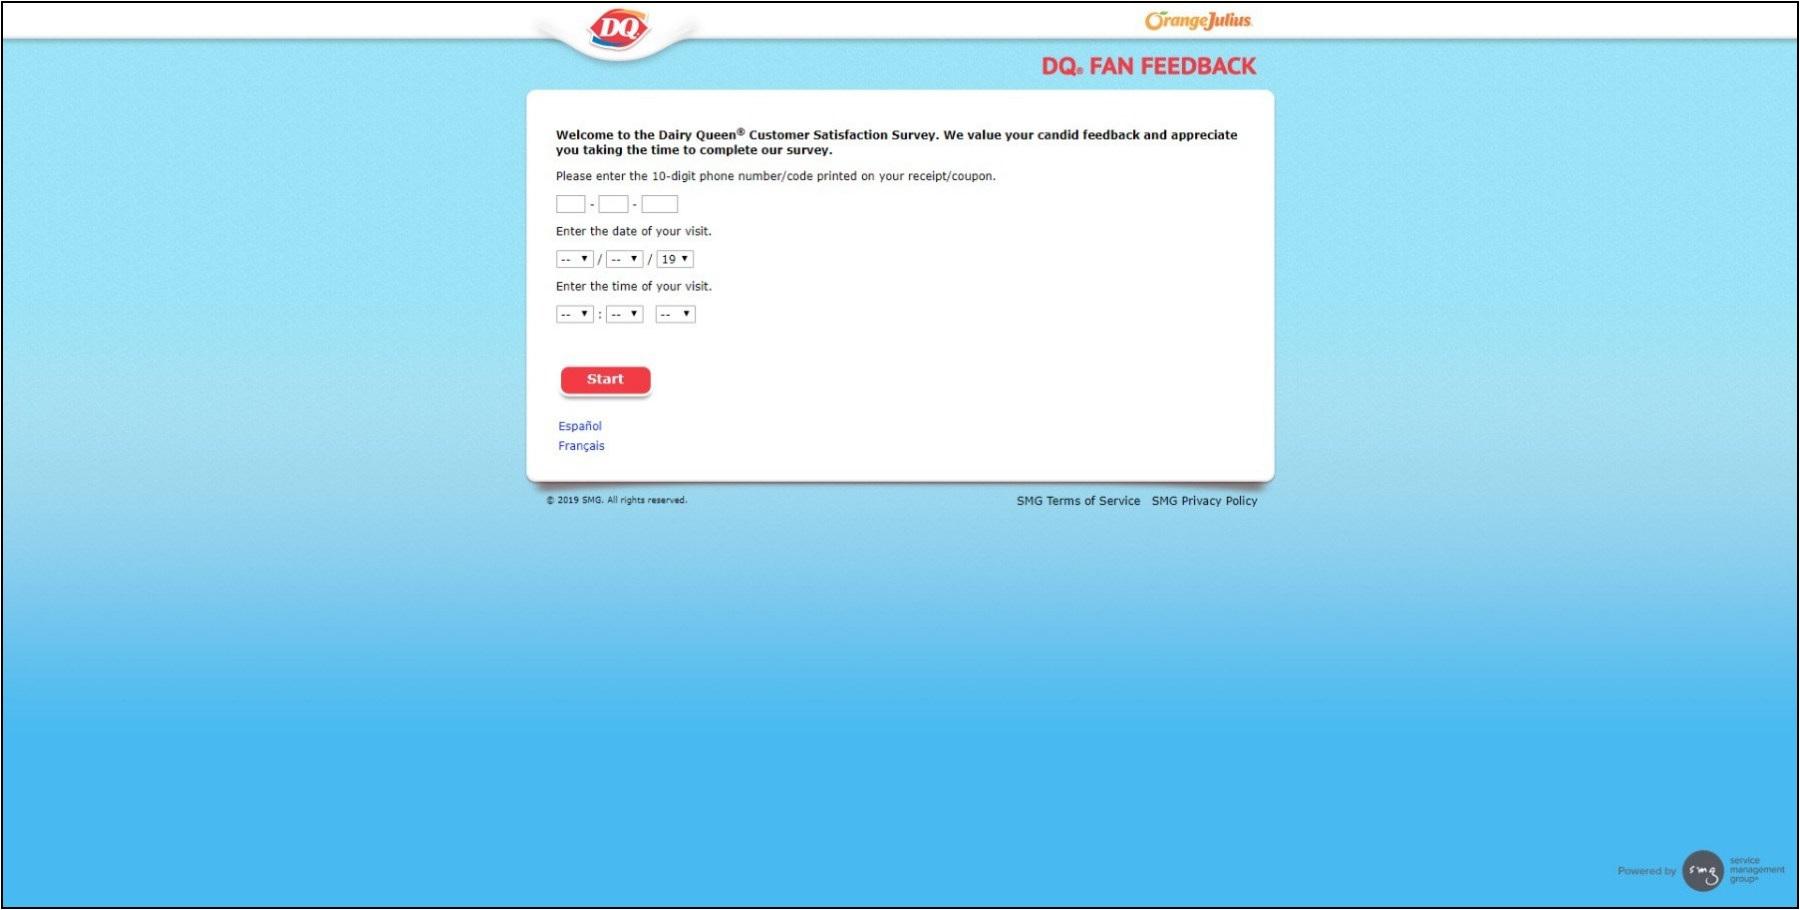 www.DQFanFeedback.com